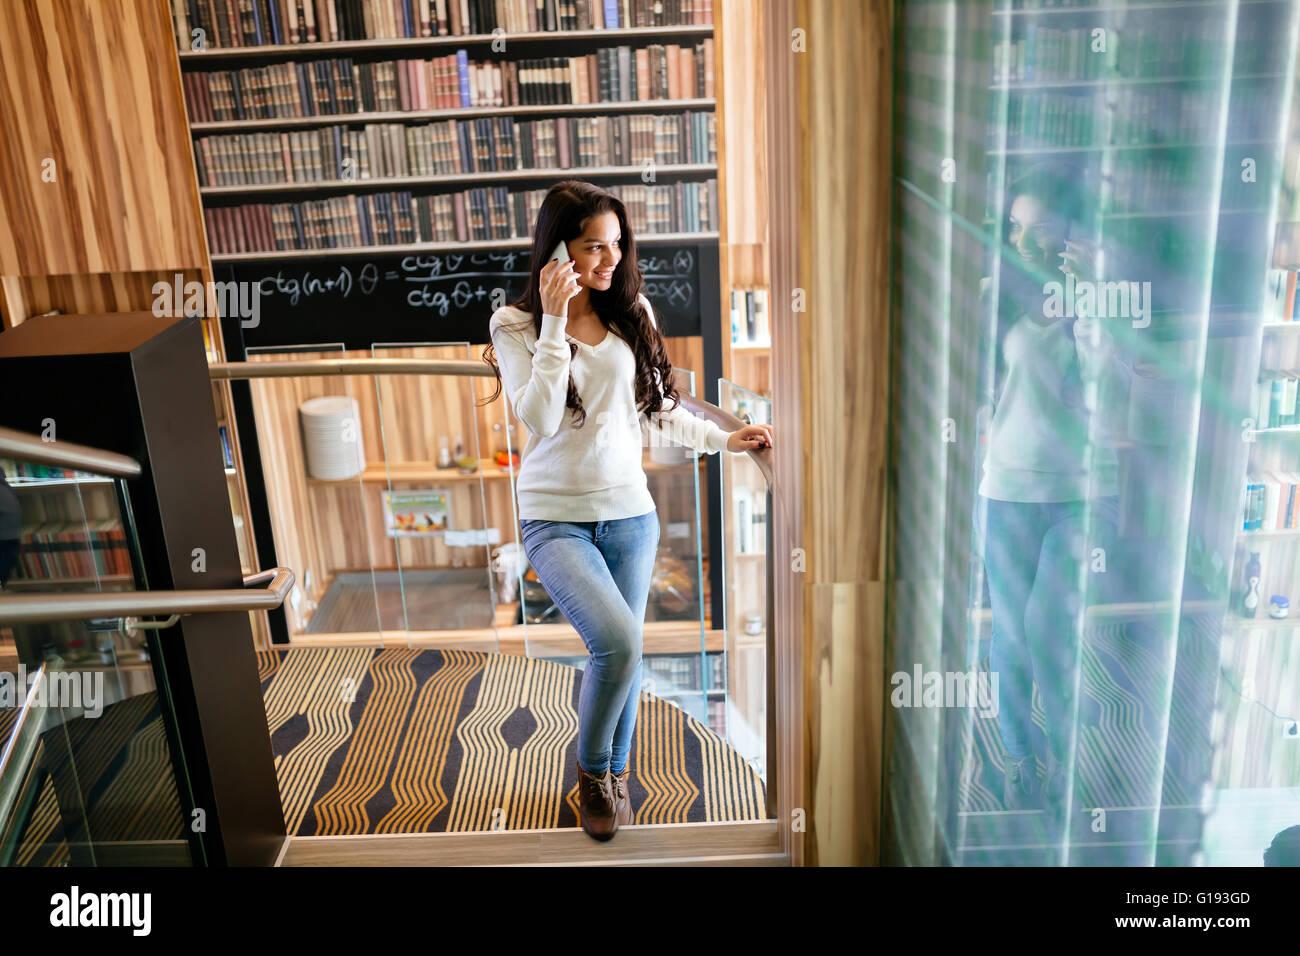 Businesswoman using phone intérieur et smiling Photo Stock